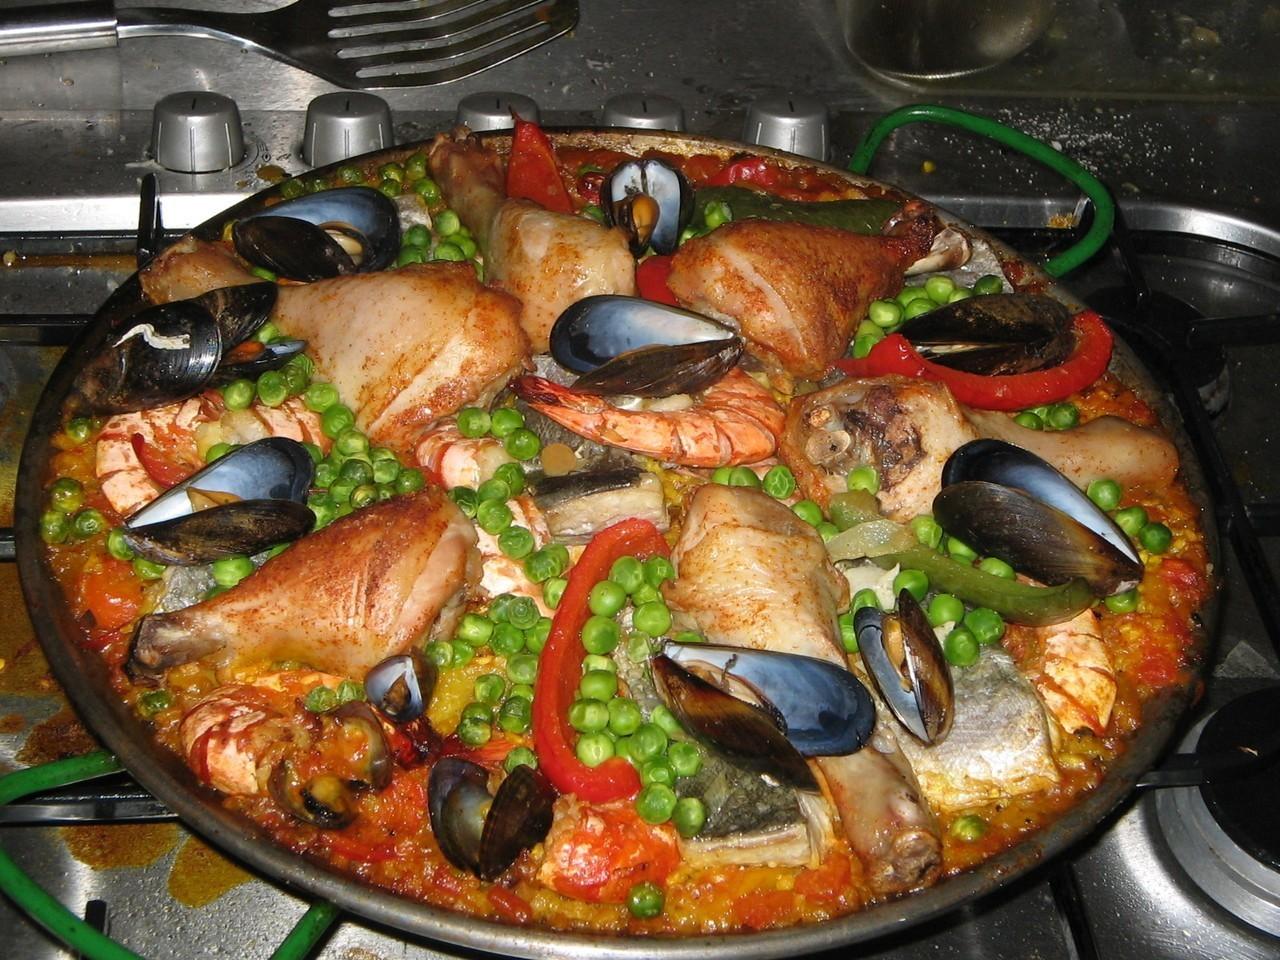 Kuchnia kastylijska czyli co się jada w centralnej części Hiszpanii?